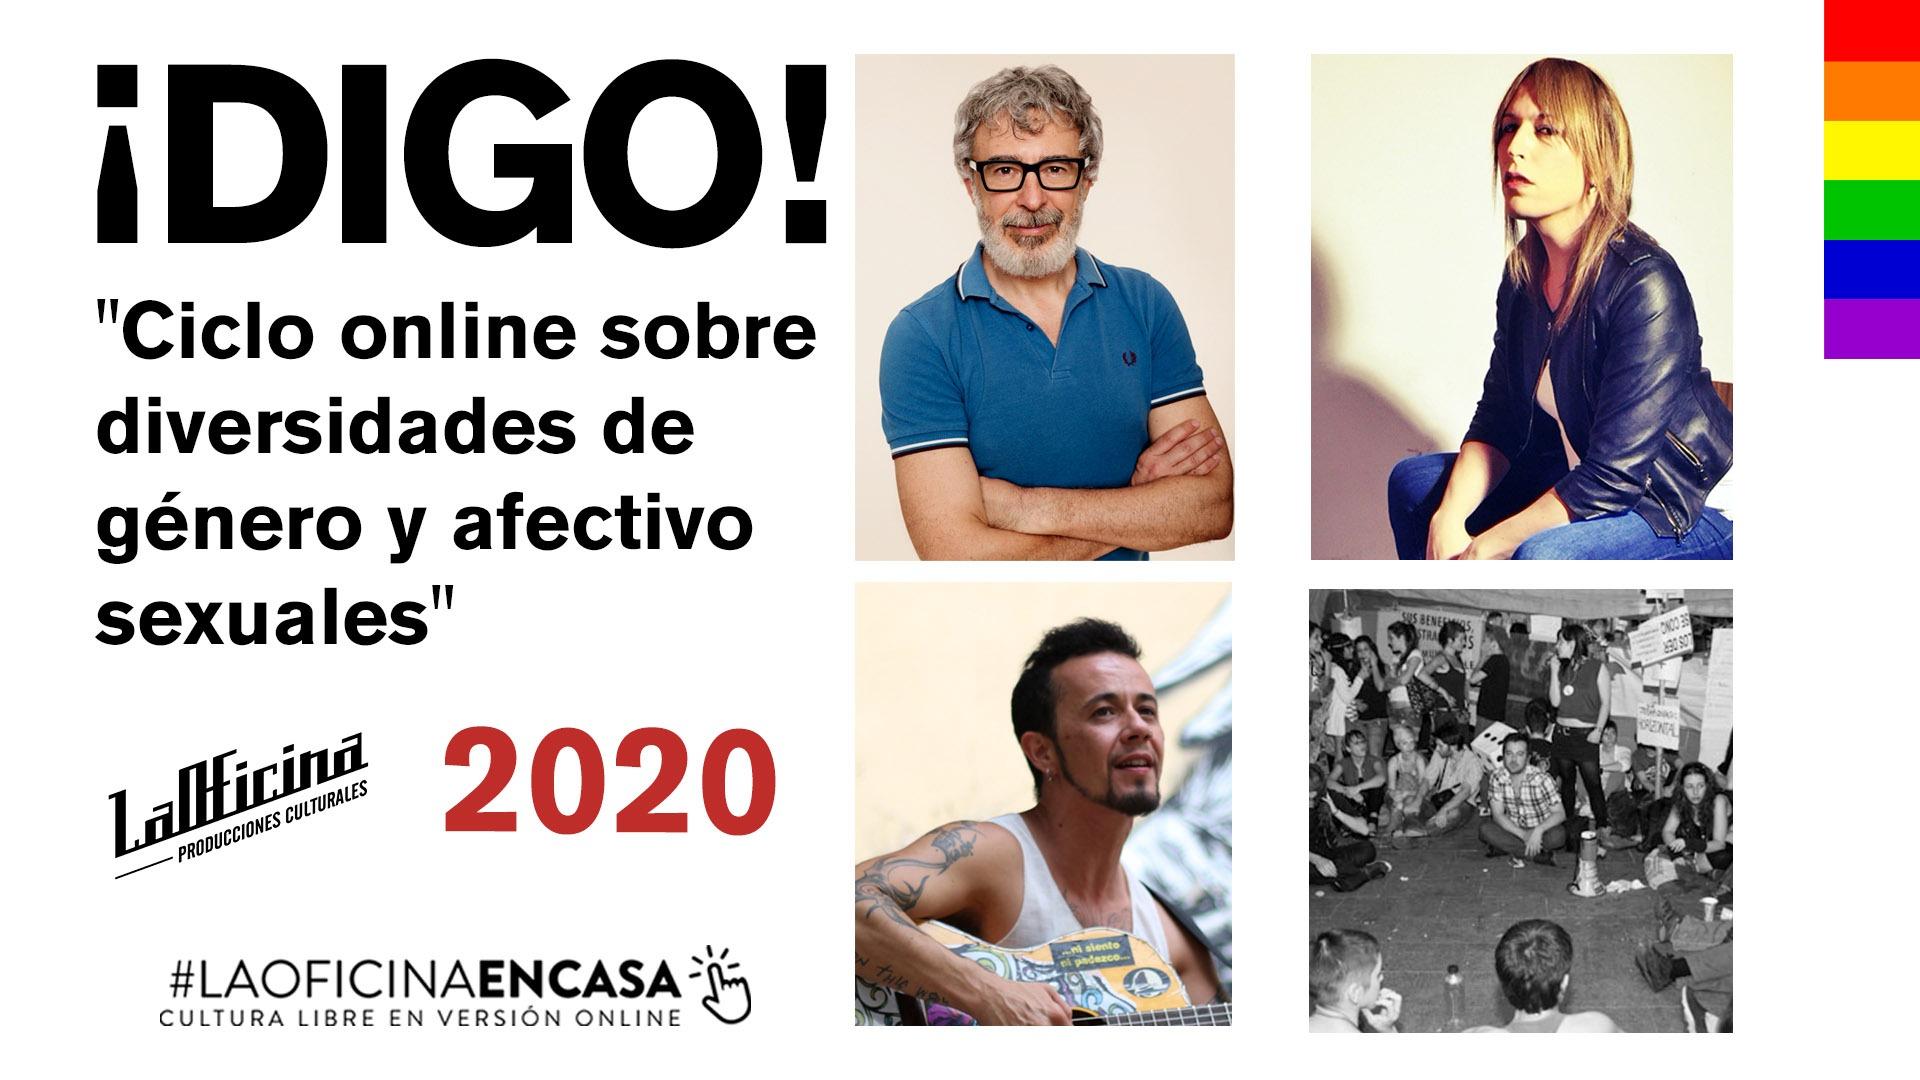 CRÓNICA ¡DIGO! 2020